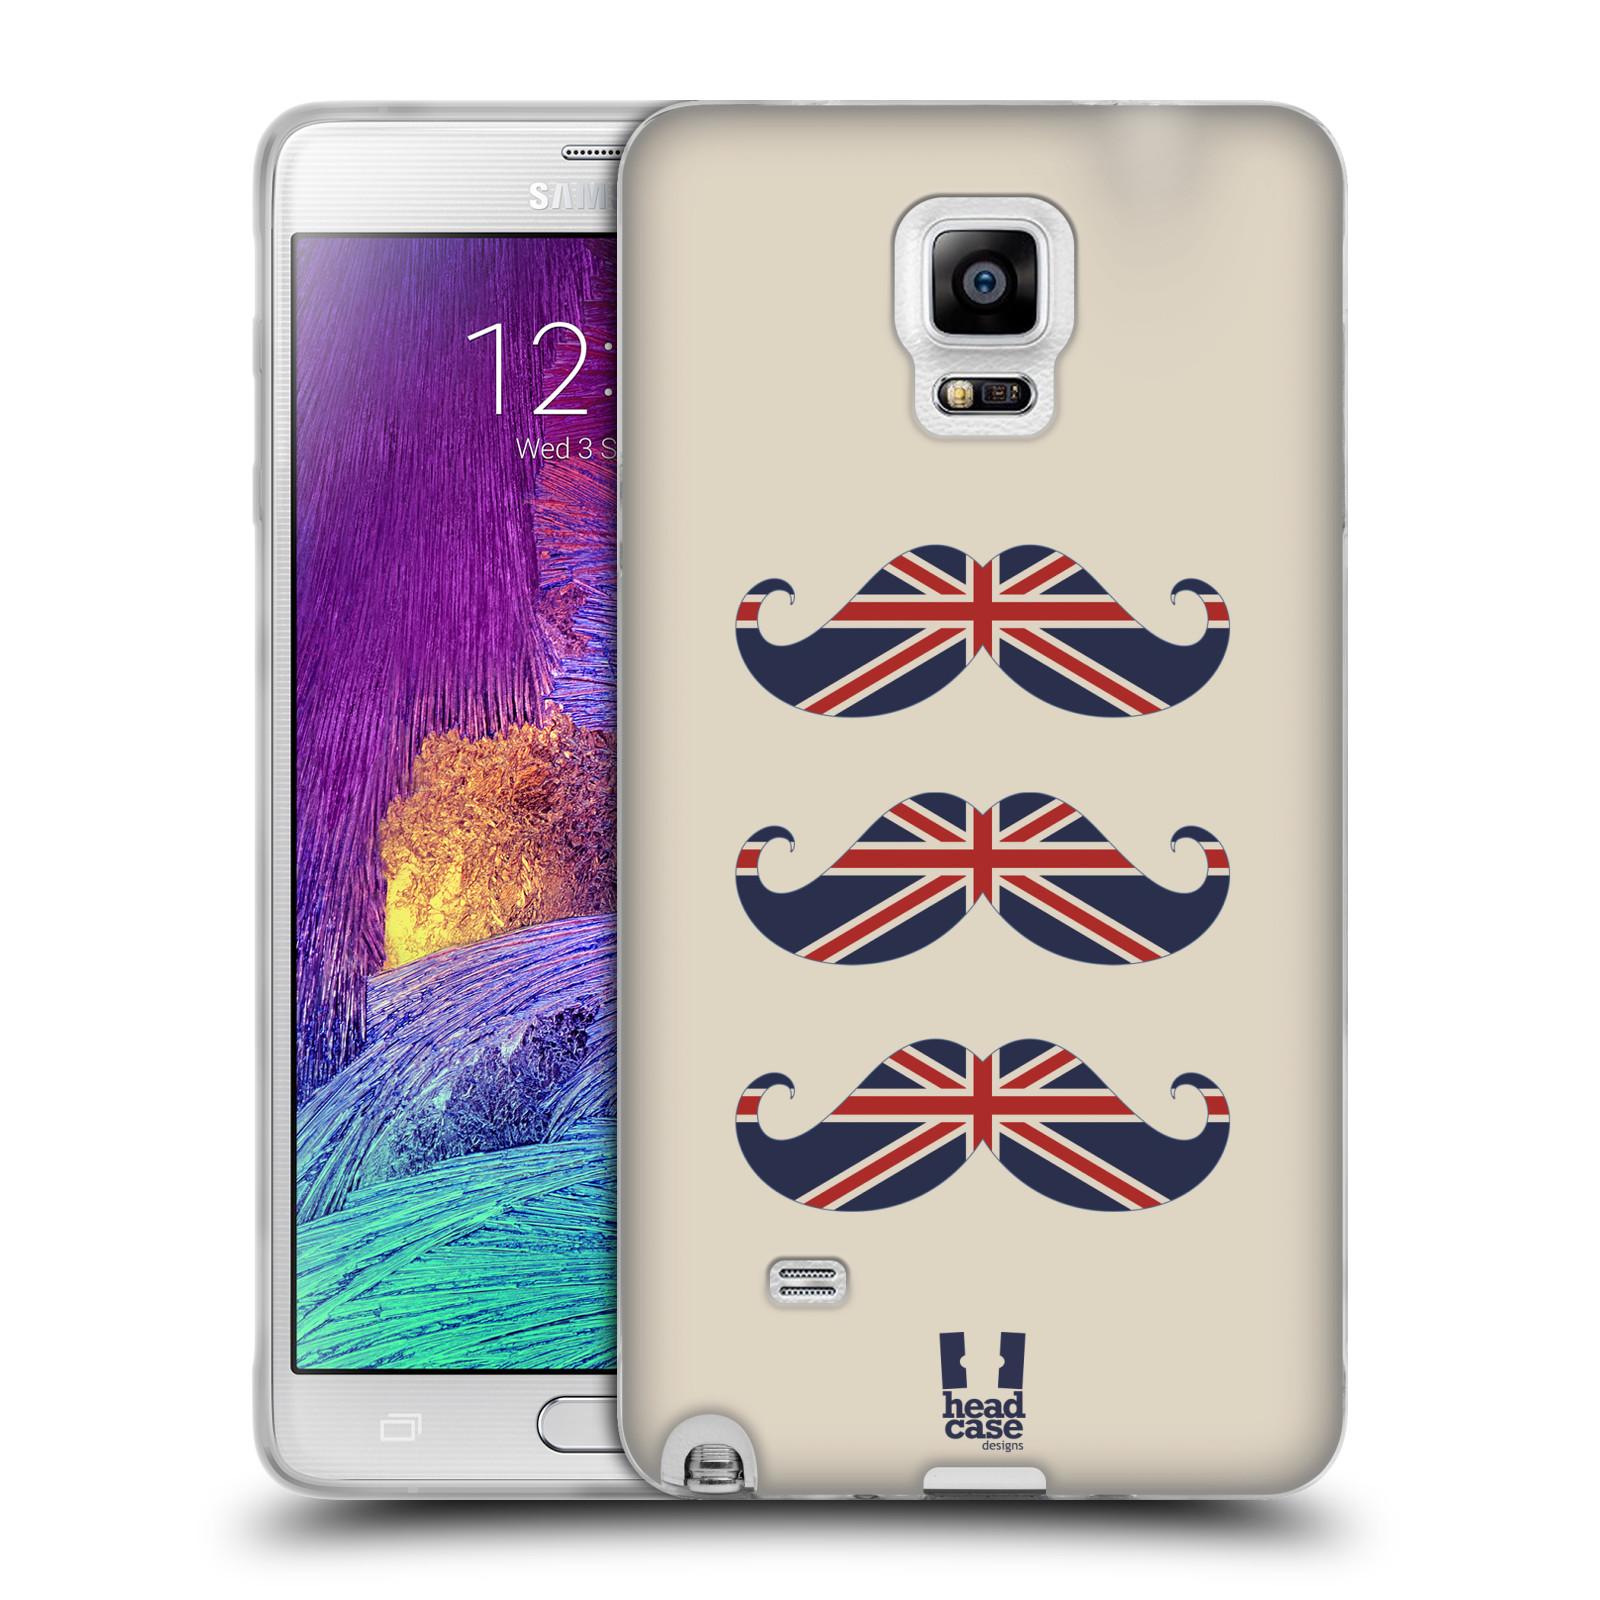 Silikonové pouzdro na mobil Samsung Galaxy Note 4 HEAD CASE BRITSKÉ KNÍRY (Silikonový kryt či obal na mobilní telefon Samsung Galaxy Note 4 SM-N910F)